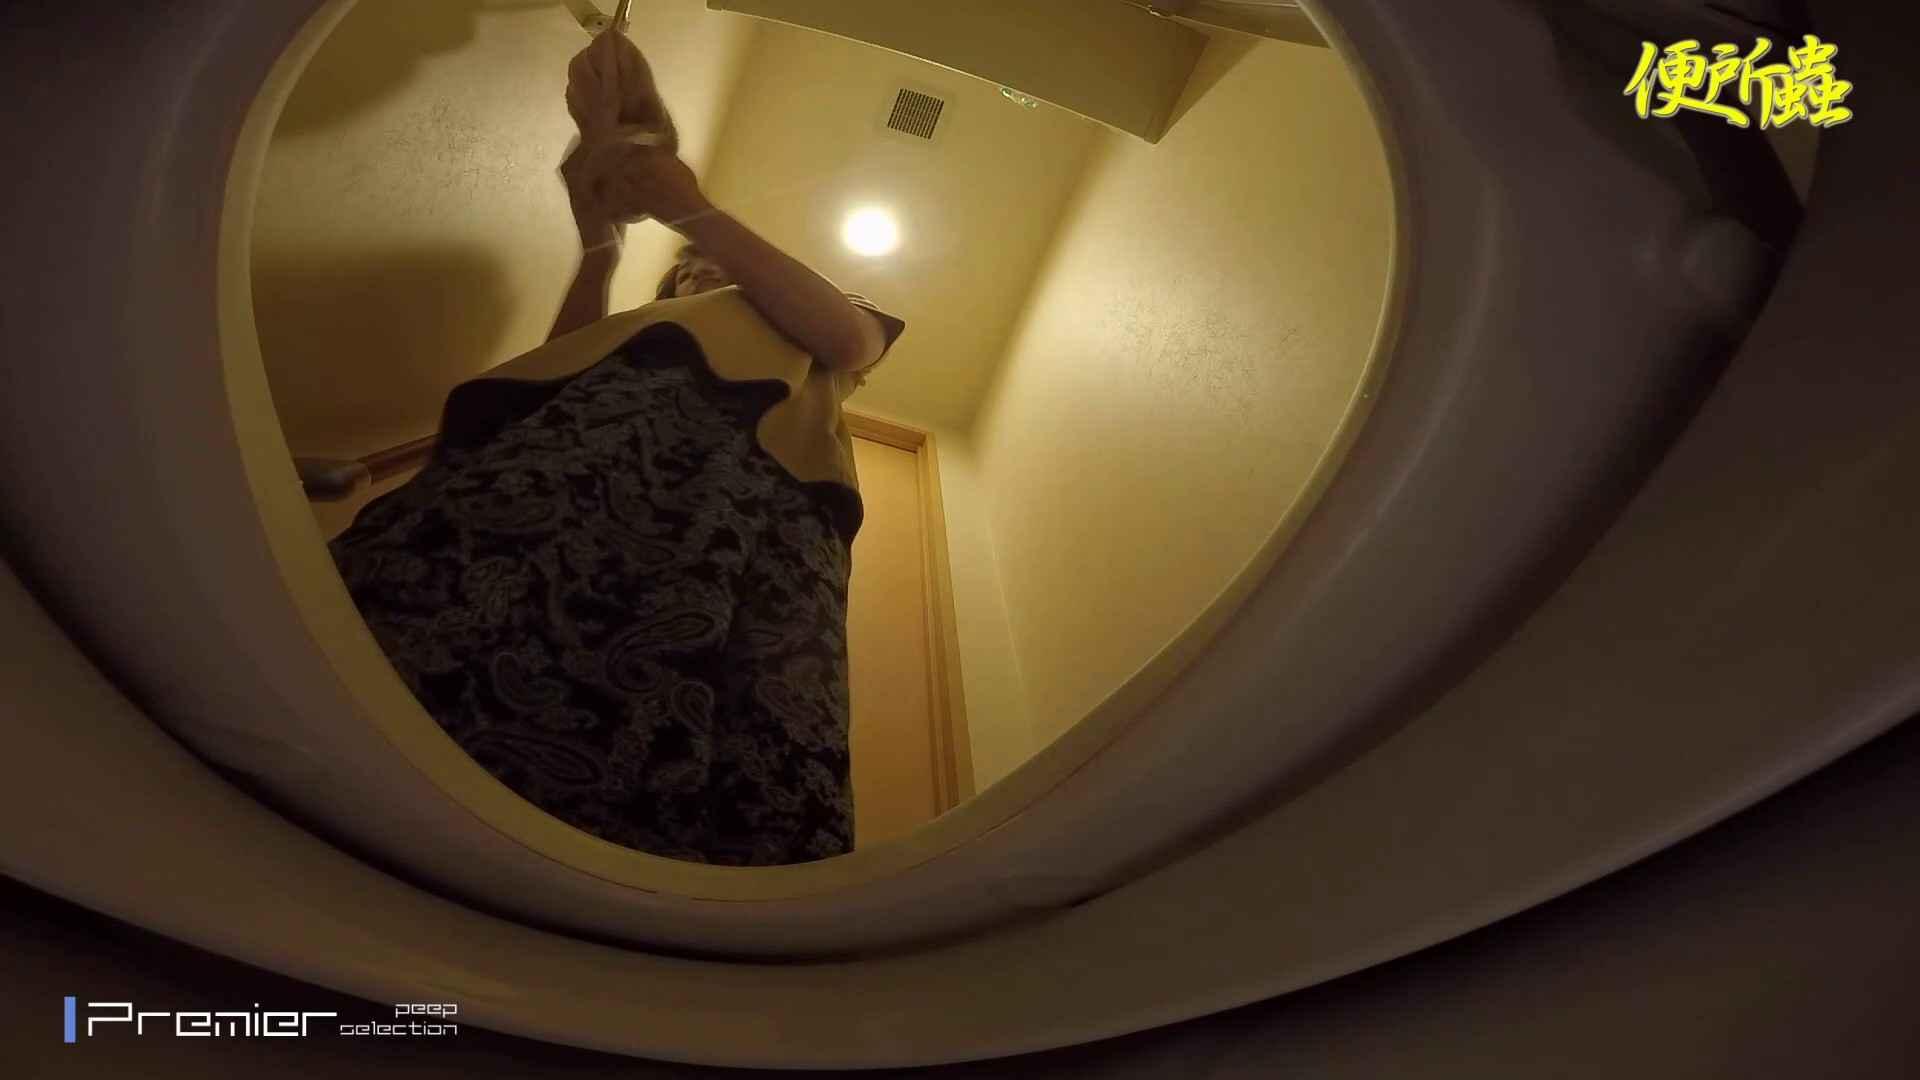 洗面所のBEN所蟲さんリターン vol.27 ギャルズ アダルト動画キャプチャ 94画像 92